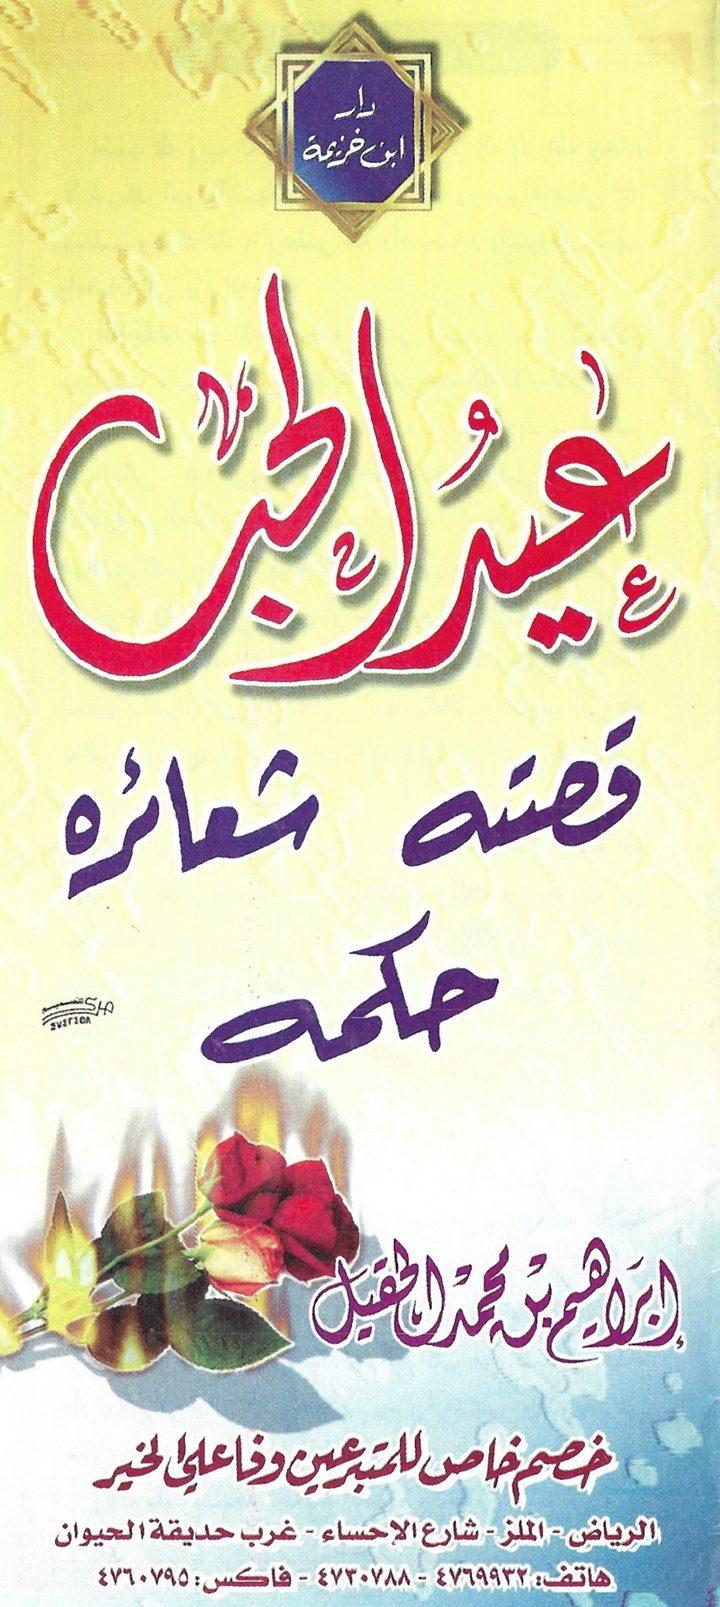 عيد الحب : قصته، شعائره، حكمه (إبراهيم بن محمد الحقيل – دار ابن خزيمة)